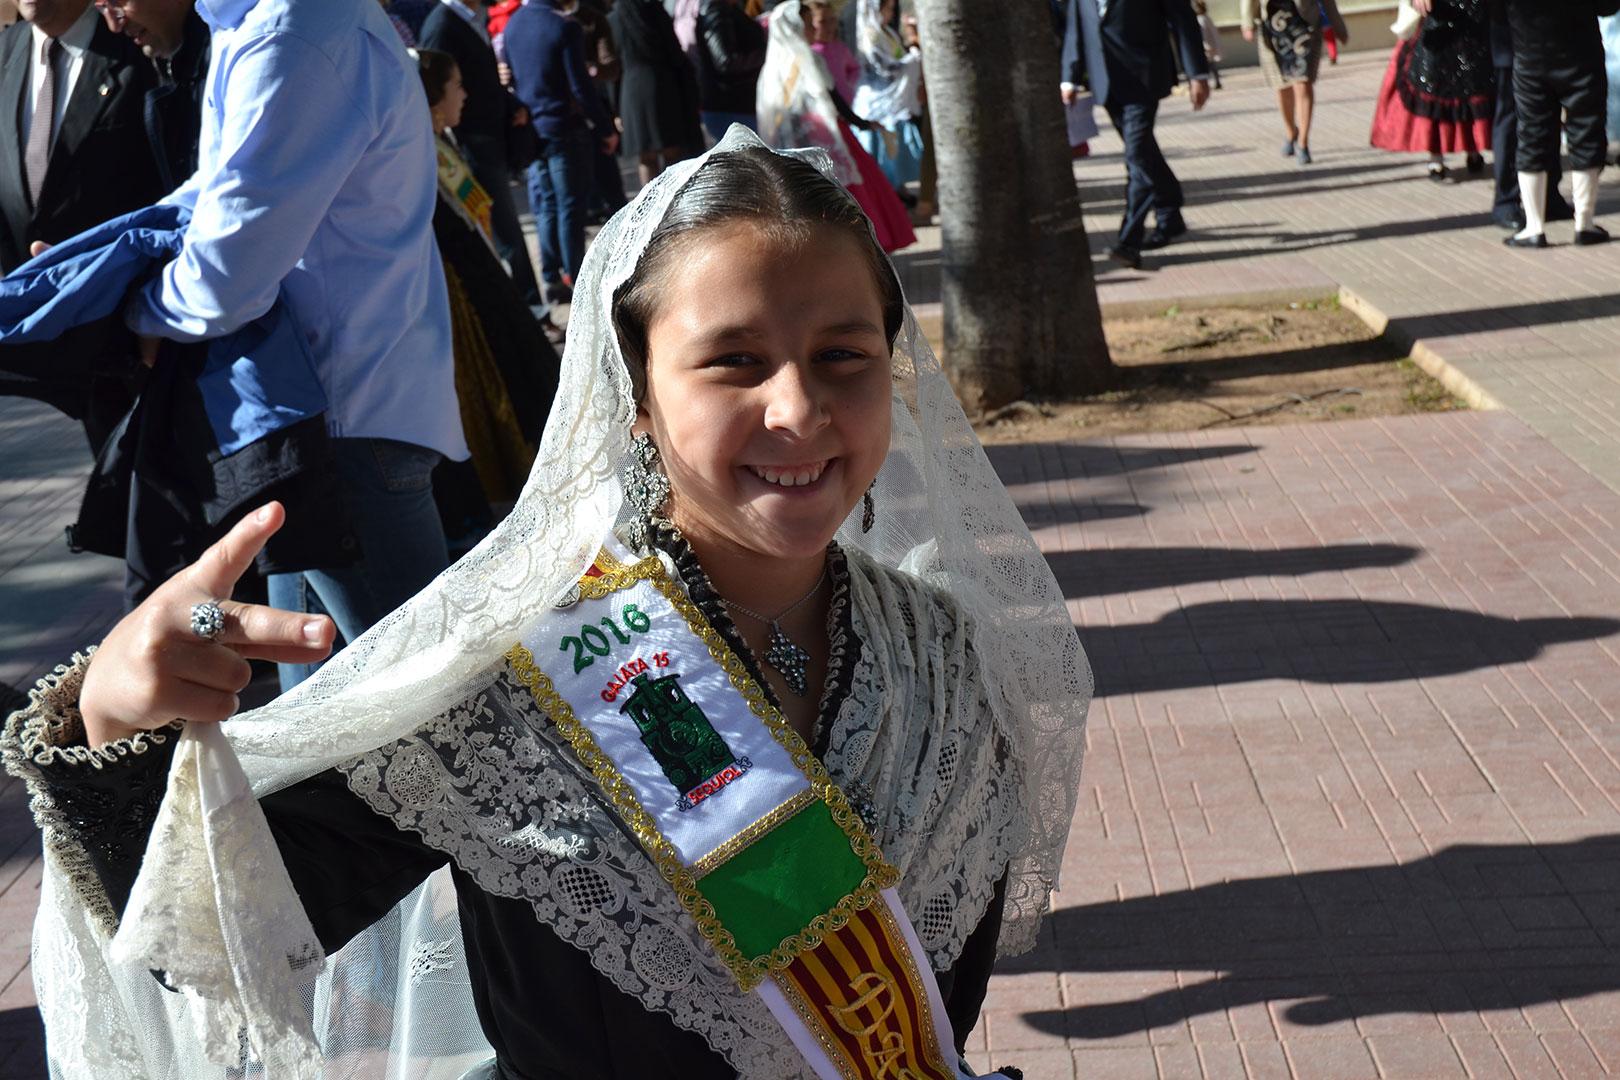 160501-procesion-2-181337